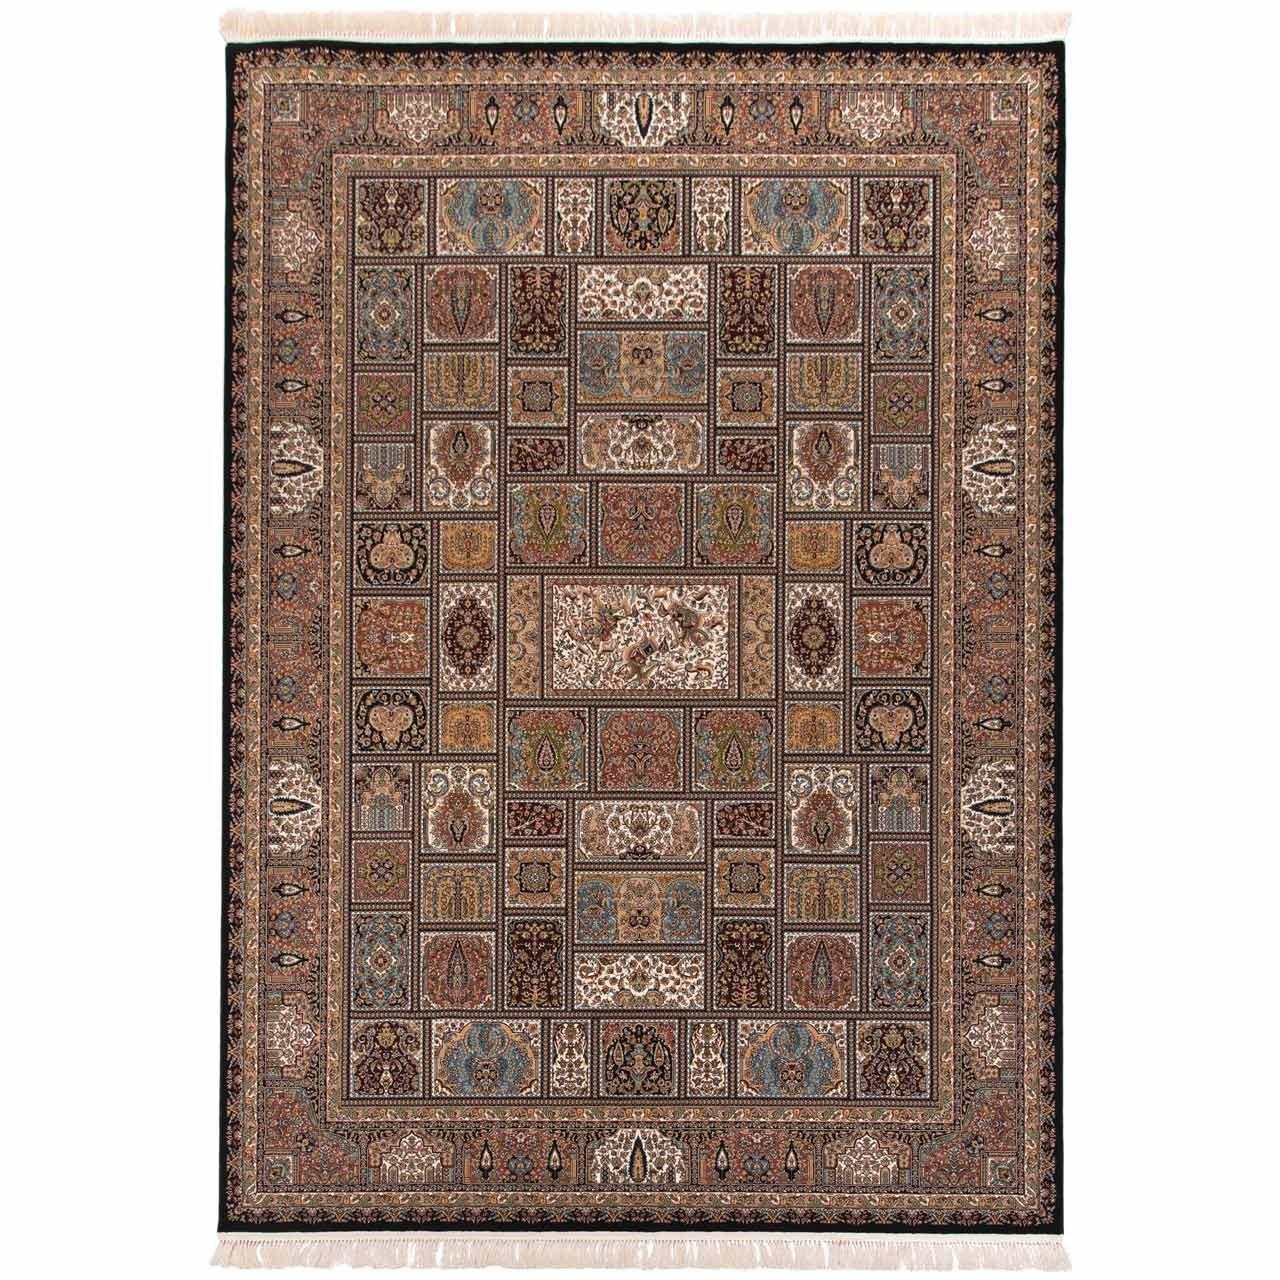 فرش ماشینی دنیای فرش طرح خشتی شکارگاه زمینه سورمه ای